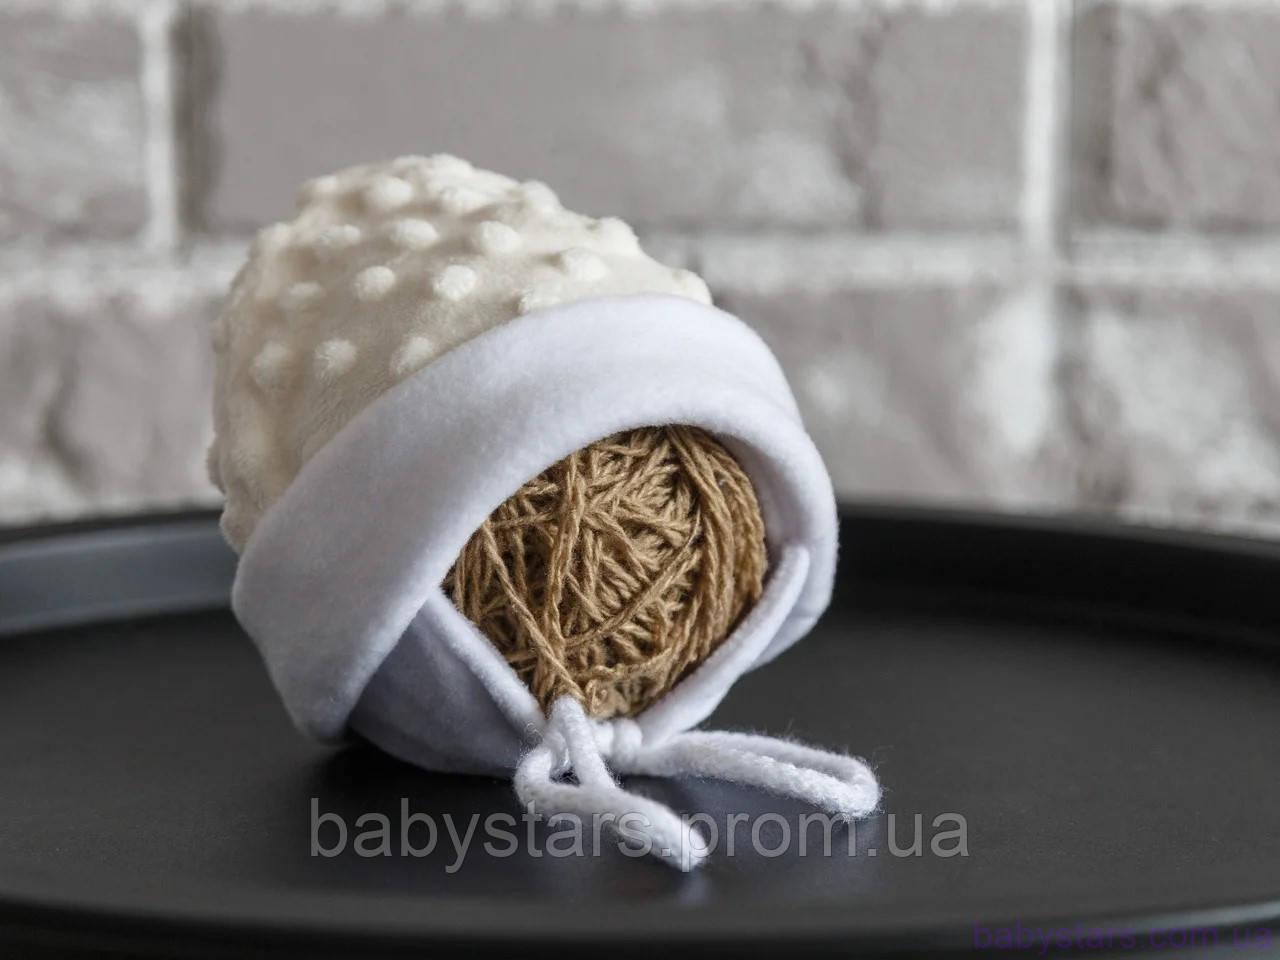 Шапочка для новорожденного из плюша, молочного цвета